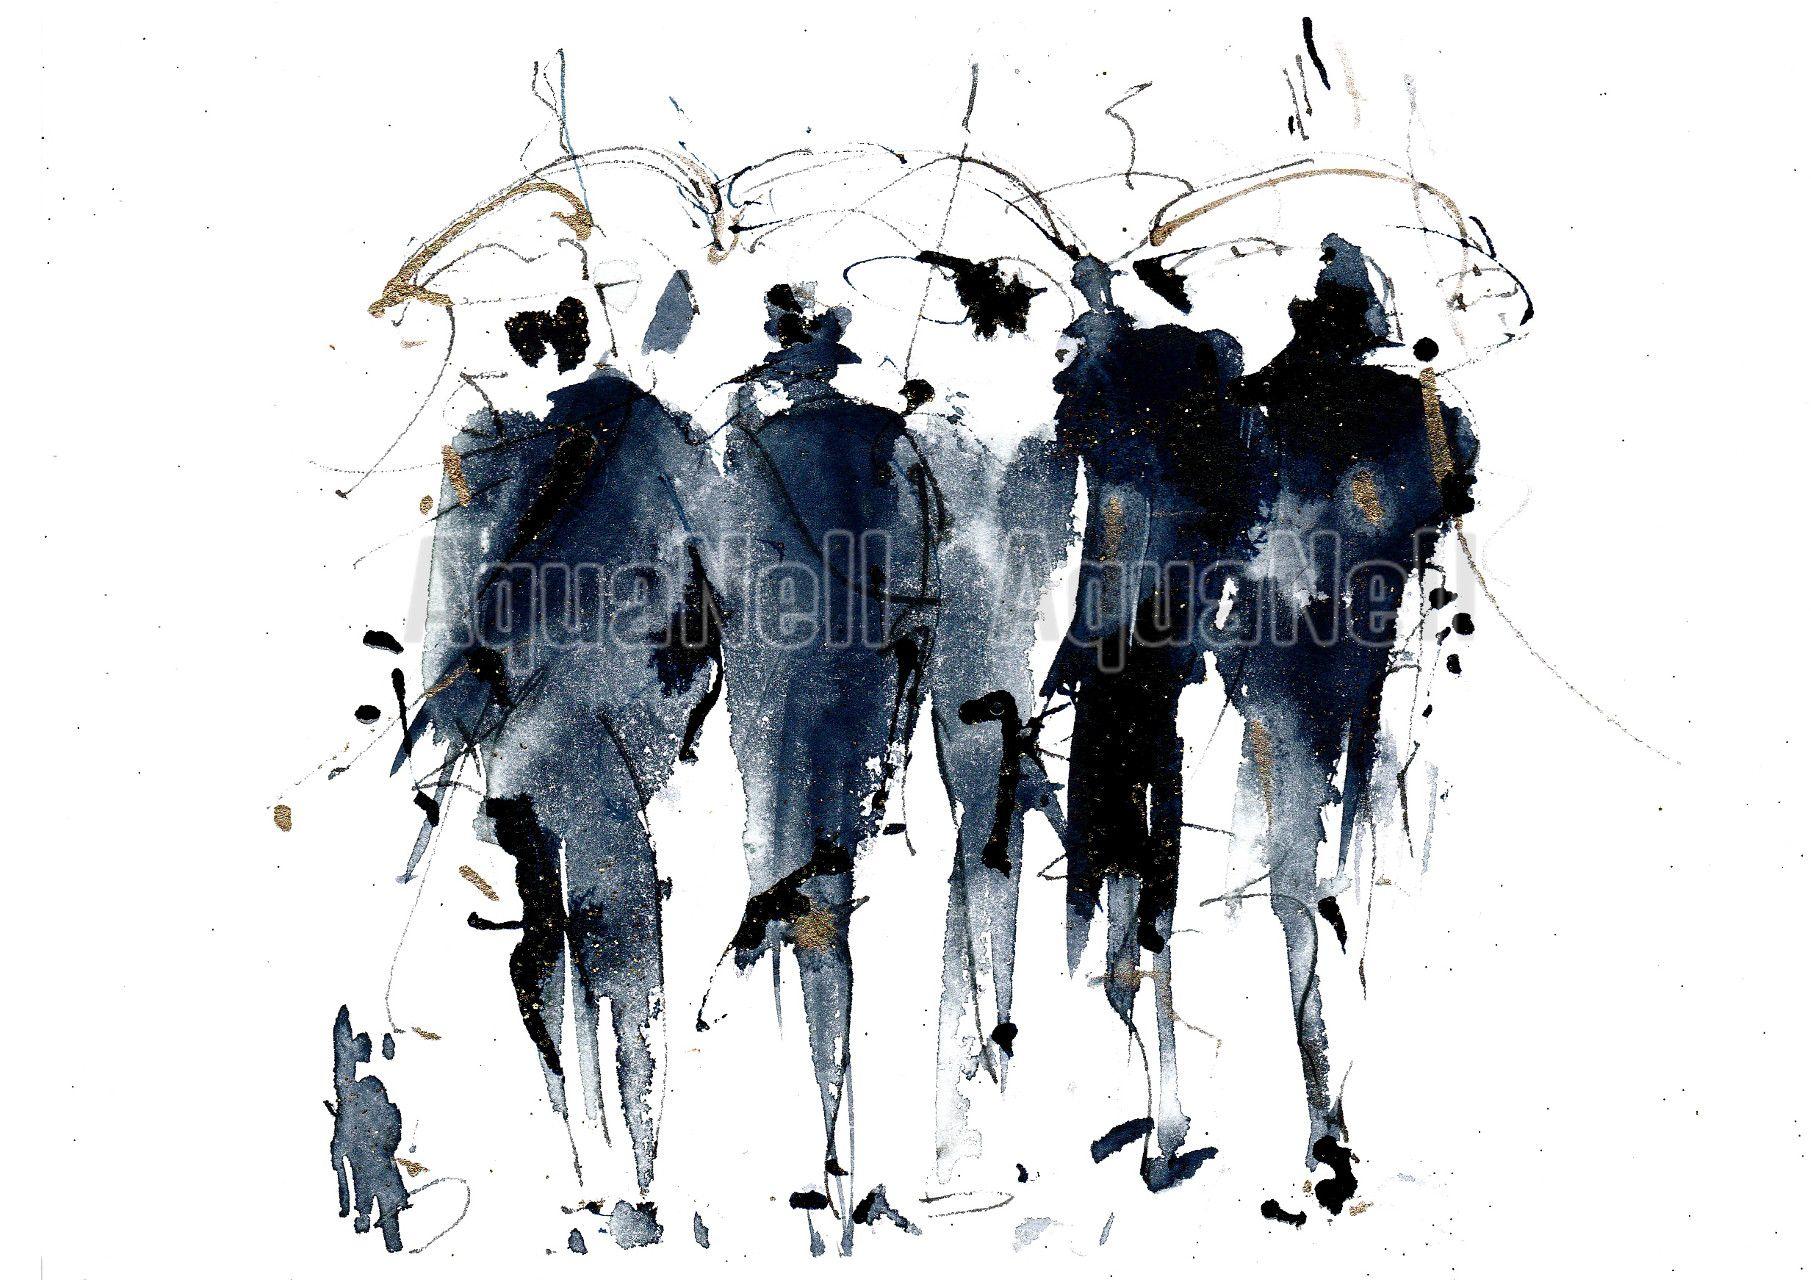 Peinture Illustration Aquarelle Pour Decoration Murale Parapluies